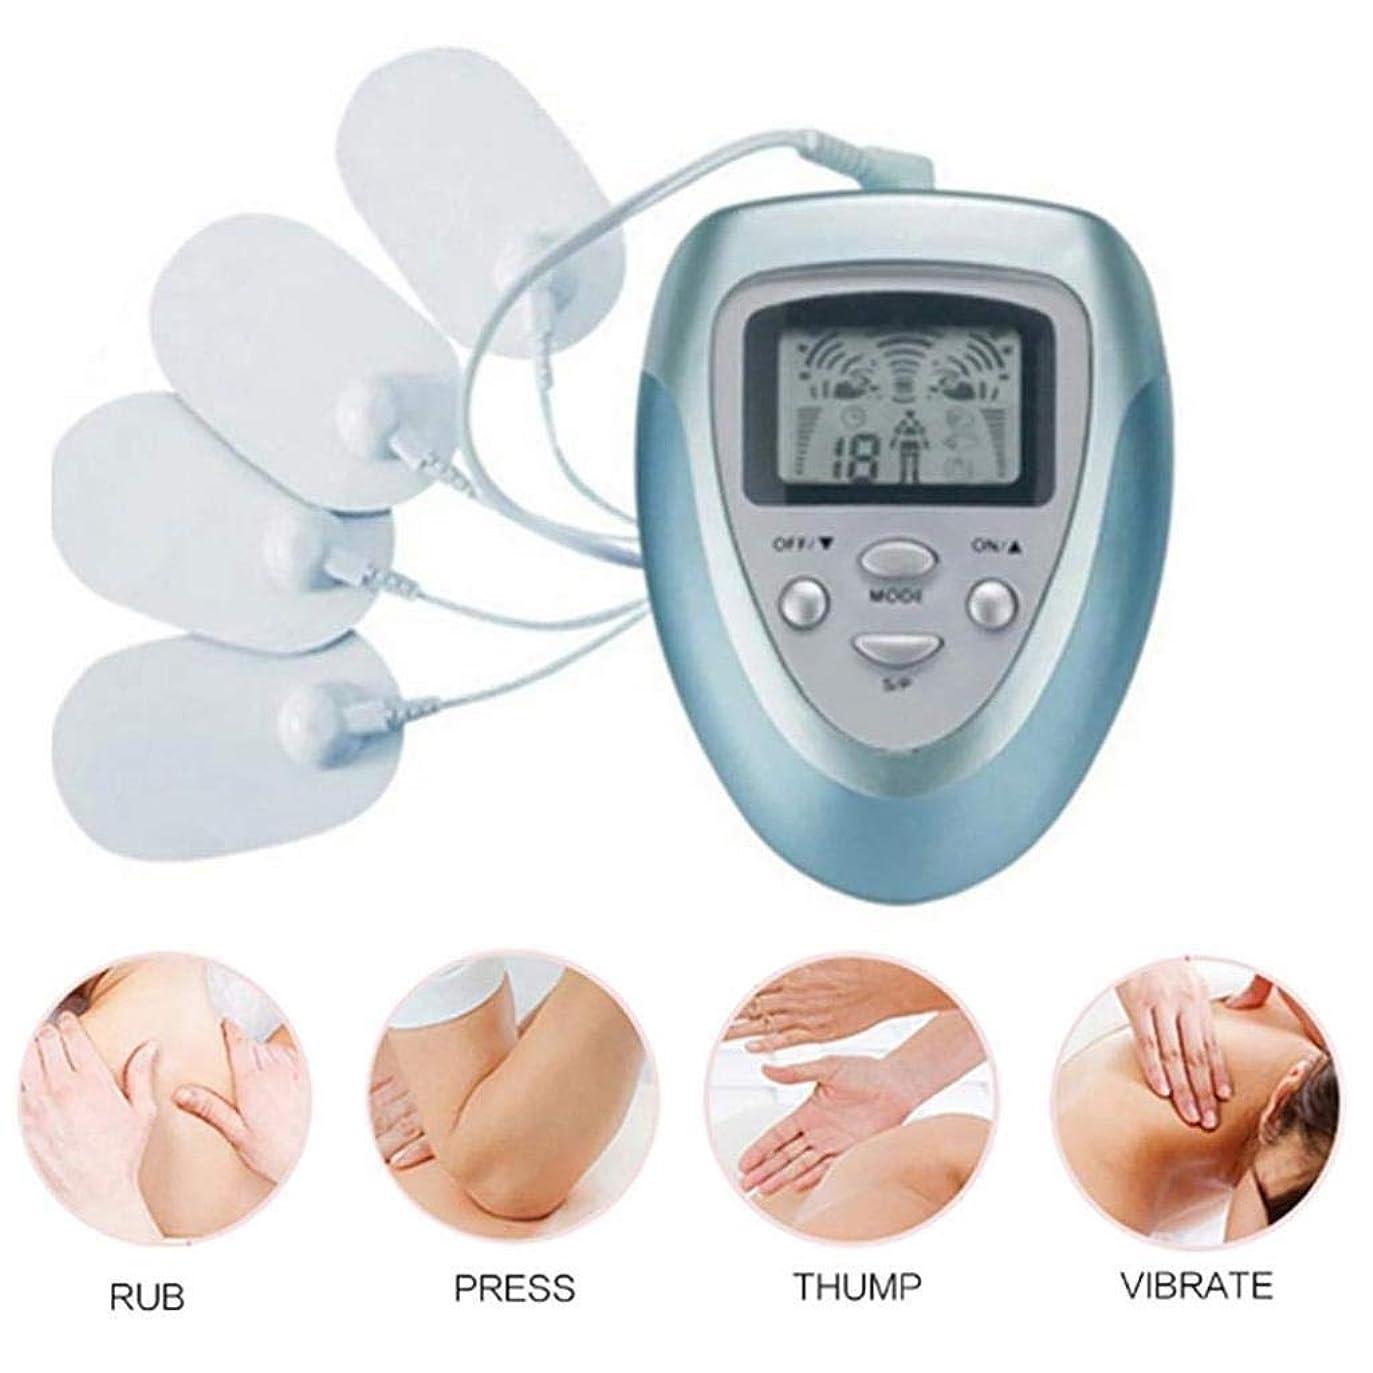 苦痛ユーモアラッチ電気マッサージ器、電子パルスマッサージ器、EMS刺激、ボディリラクゼーション筋肉、パルス+鍼灸マッサージ、痛みを軽減します